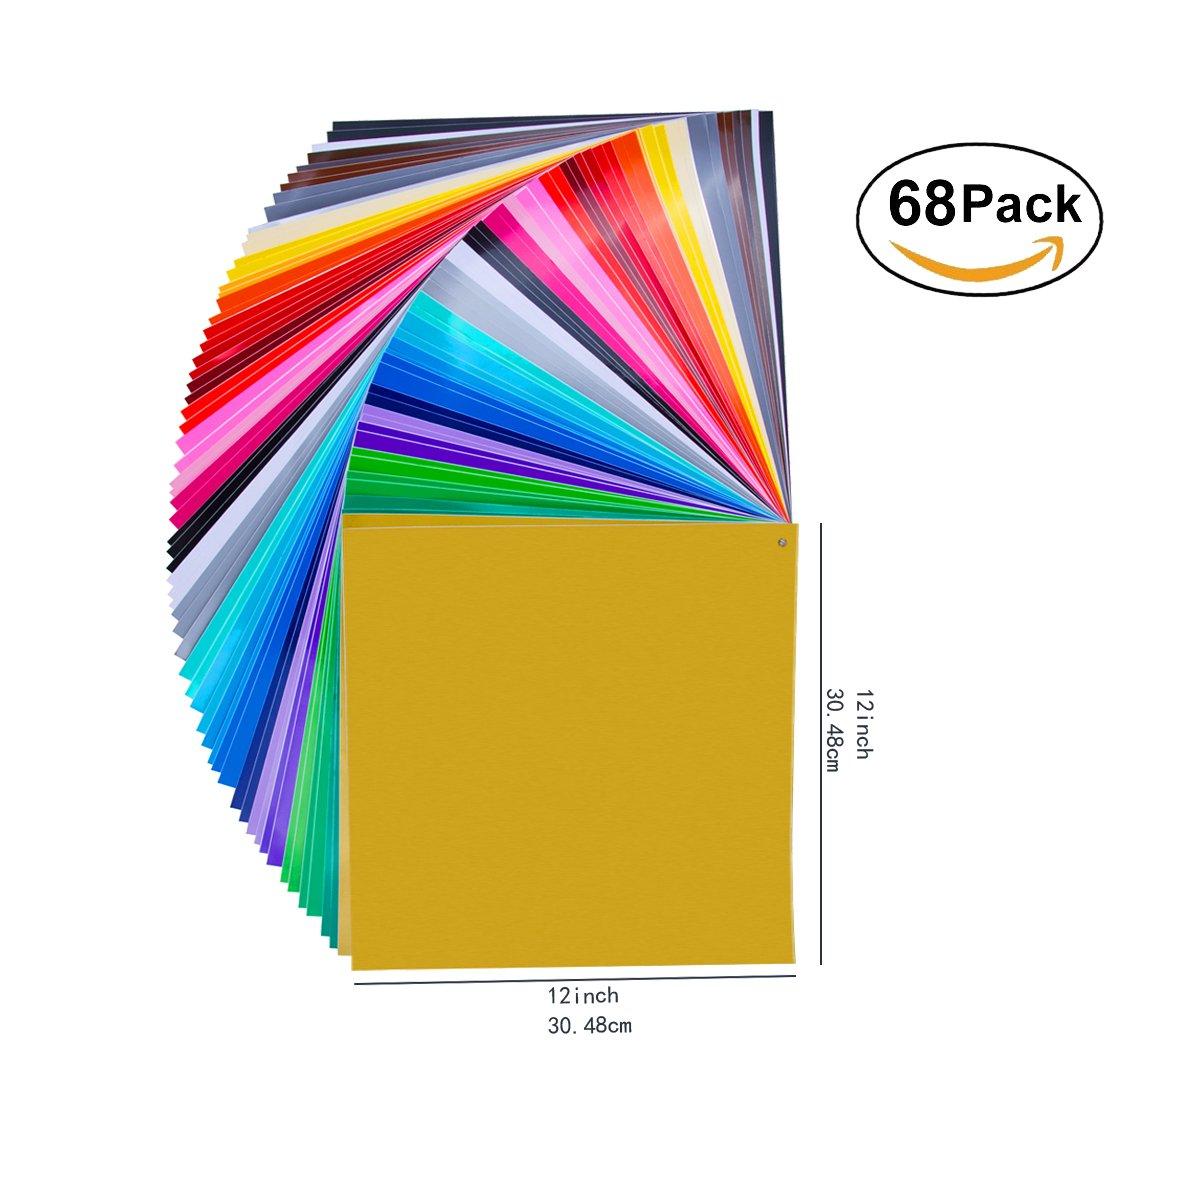 32 colori 68 pacchi 12 X 12 Premium permanente autoadesivi fogli di vinile colori assortiti